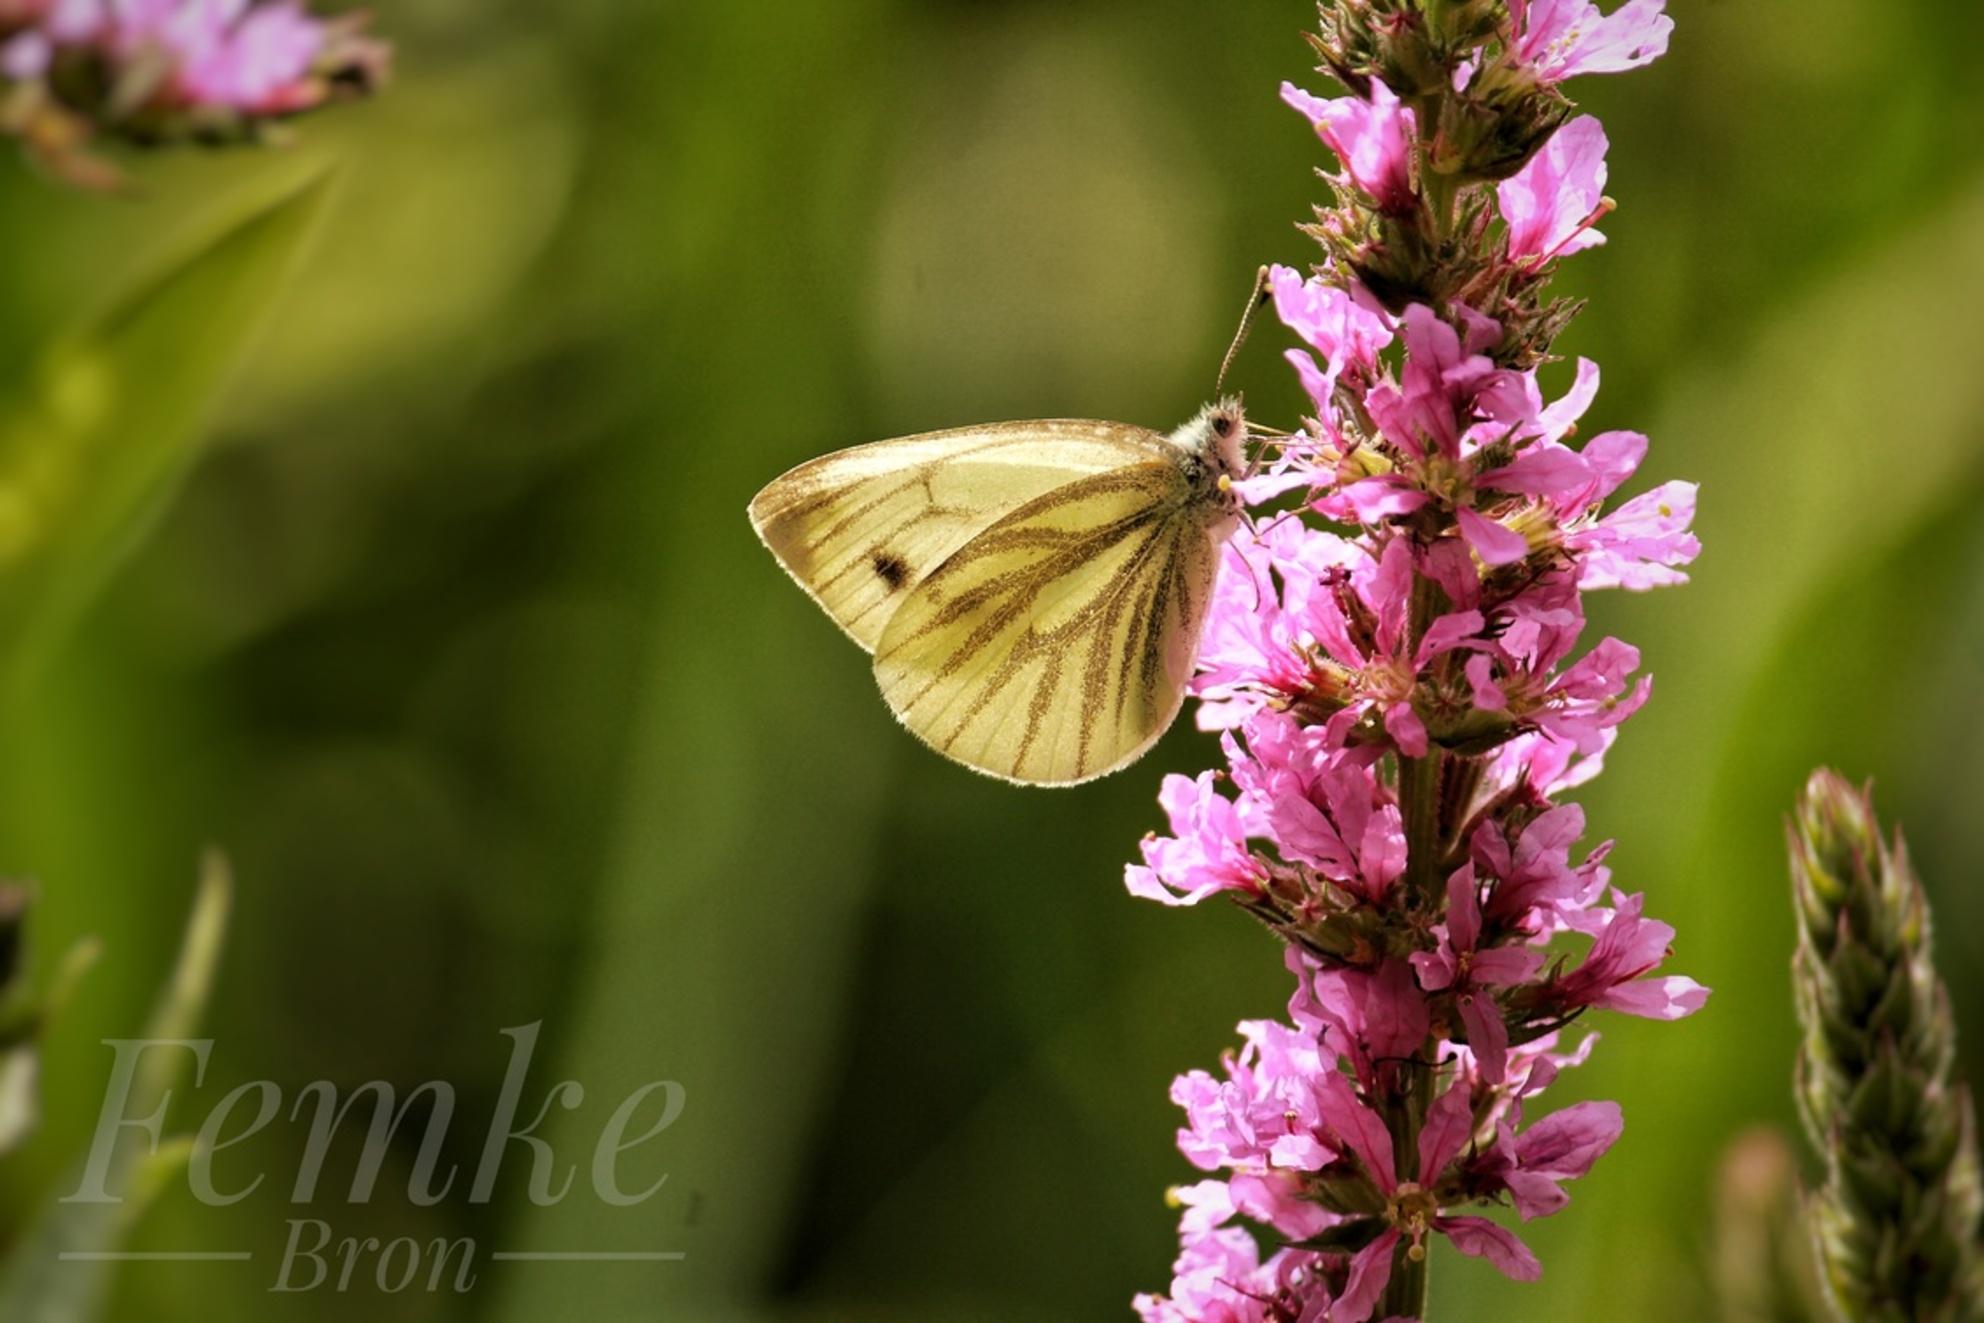 Geaderd witje - - - foto door FemkeNB op 14-01-2021 - deze foto bevat: groen, paars, wit, zon, lente, natuur, vlinder, tuin, zomer, insect, vlindertuin, bokeh - Deze foto mag gebruikt worden in een Zoom.nl publicatie